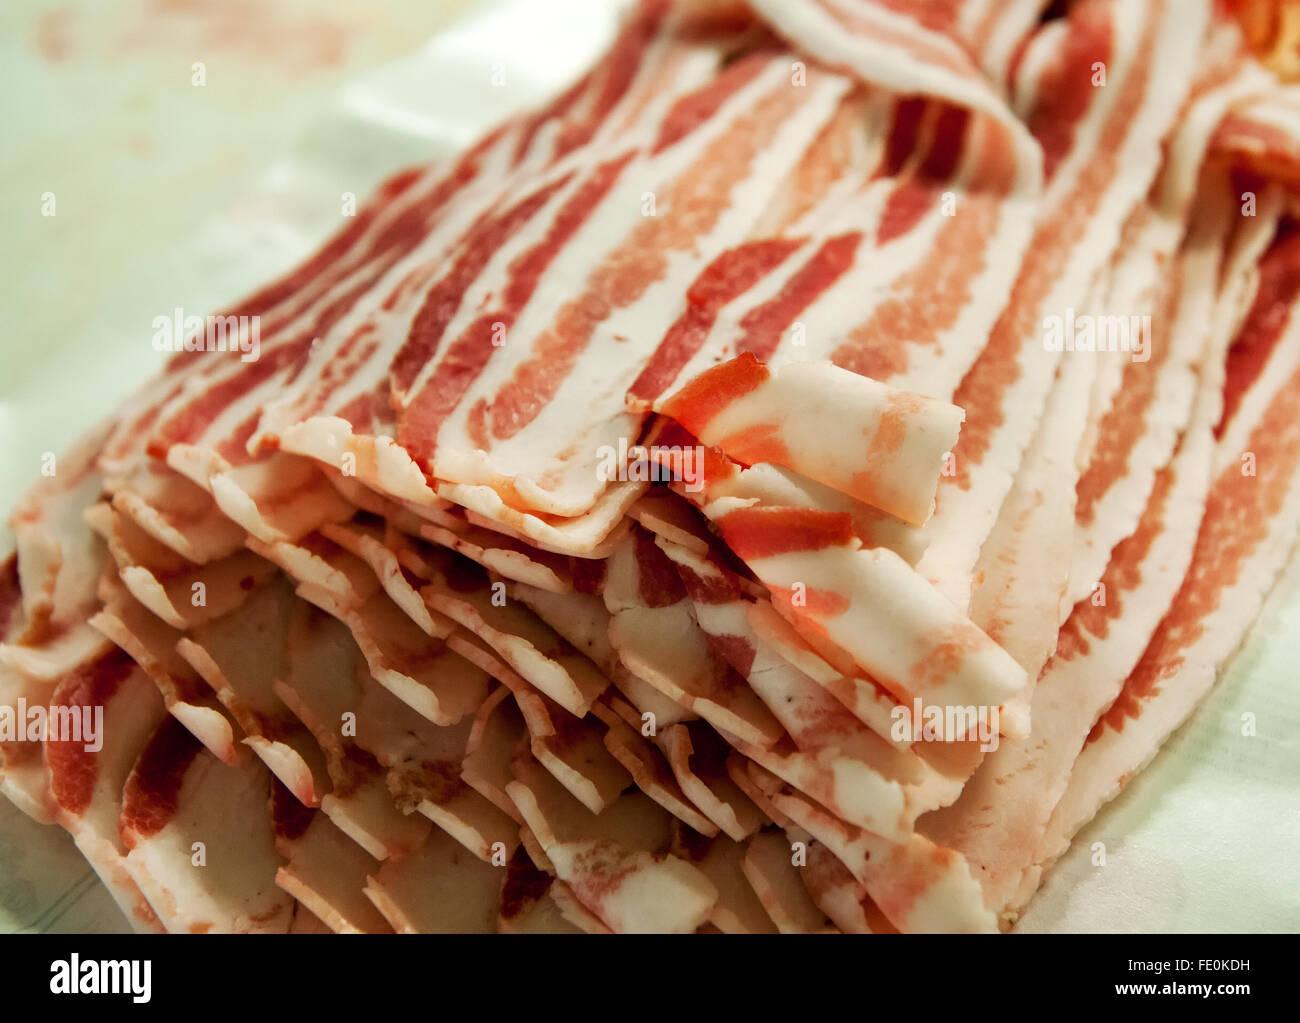 Nahaufnahme von vielen Scheiben Speck in Bündel auf Tisch in Fleischverarbeitungsbetrieb Stockbild